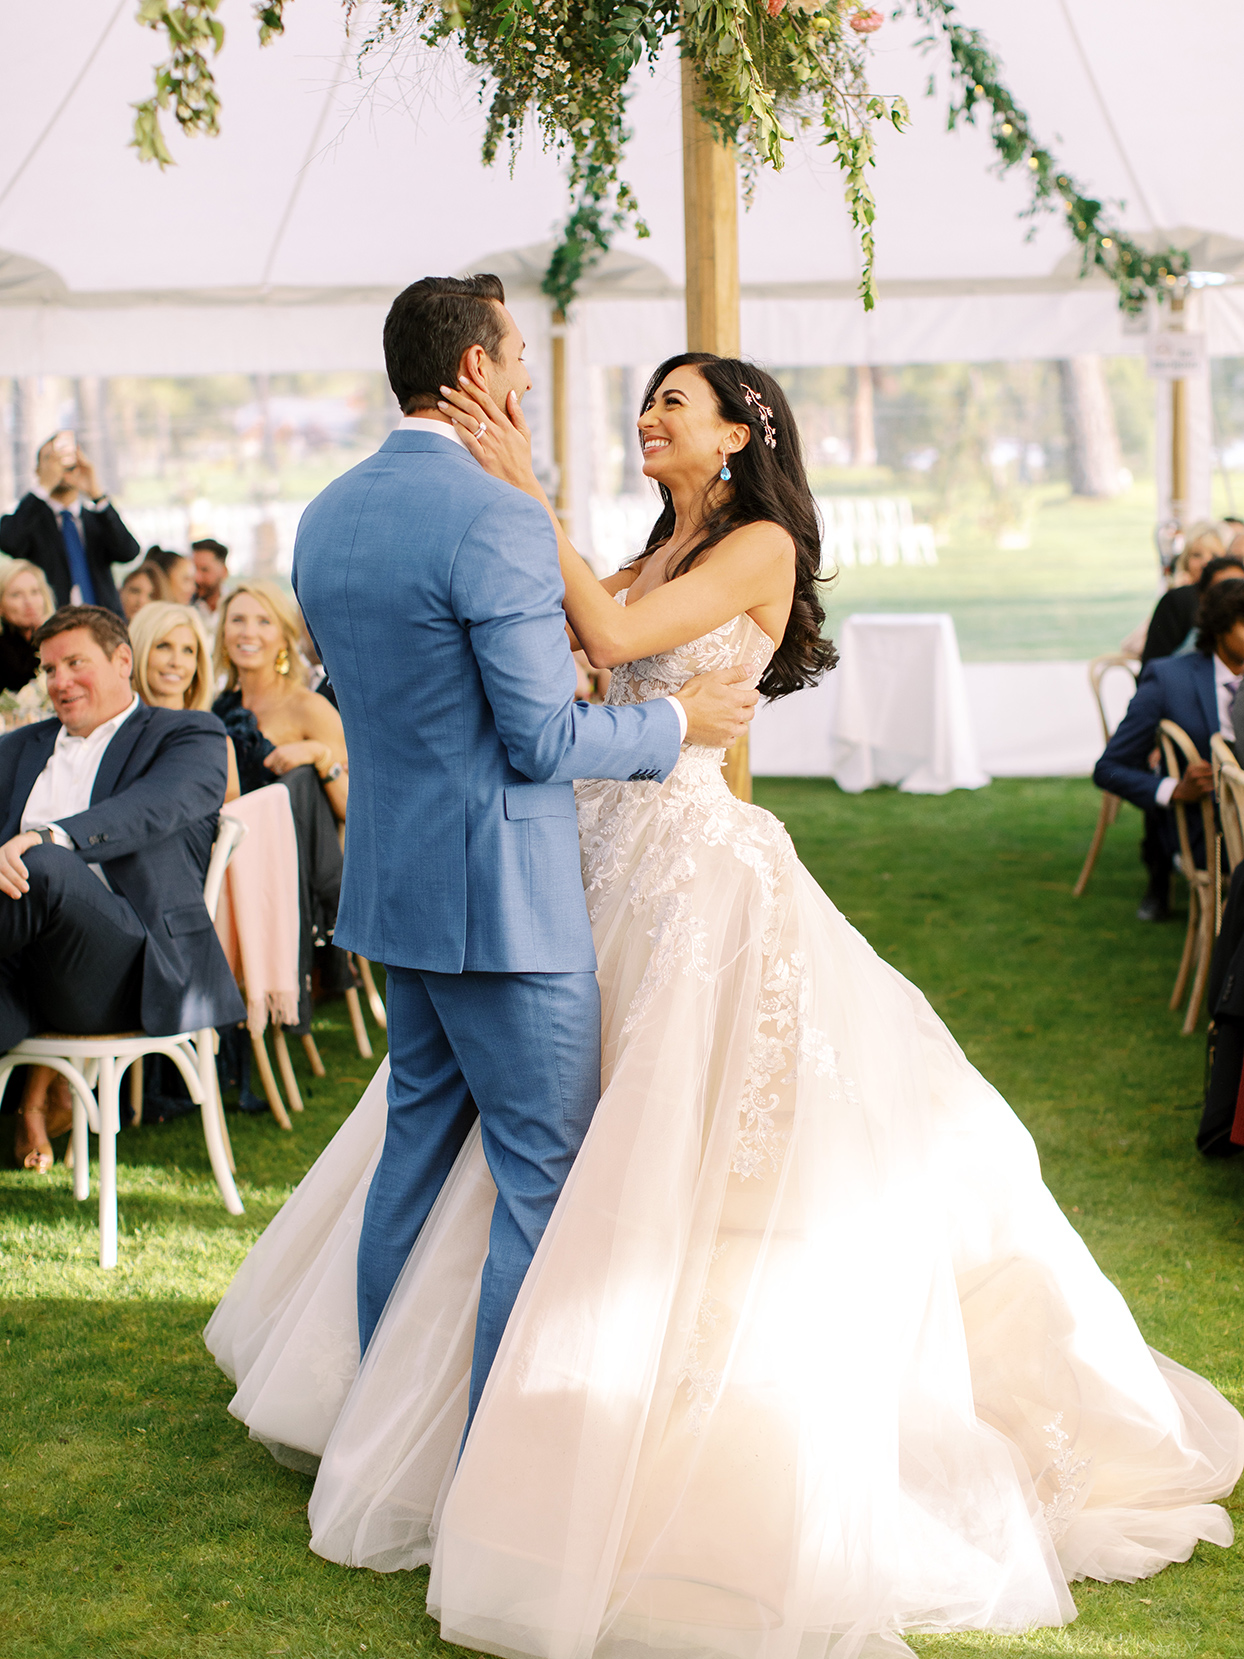 asha andrew wedding couple first dance